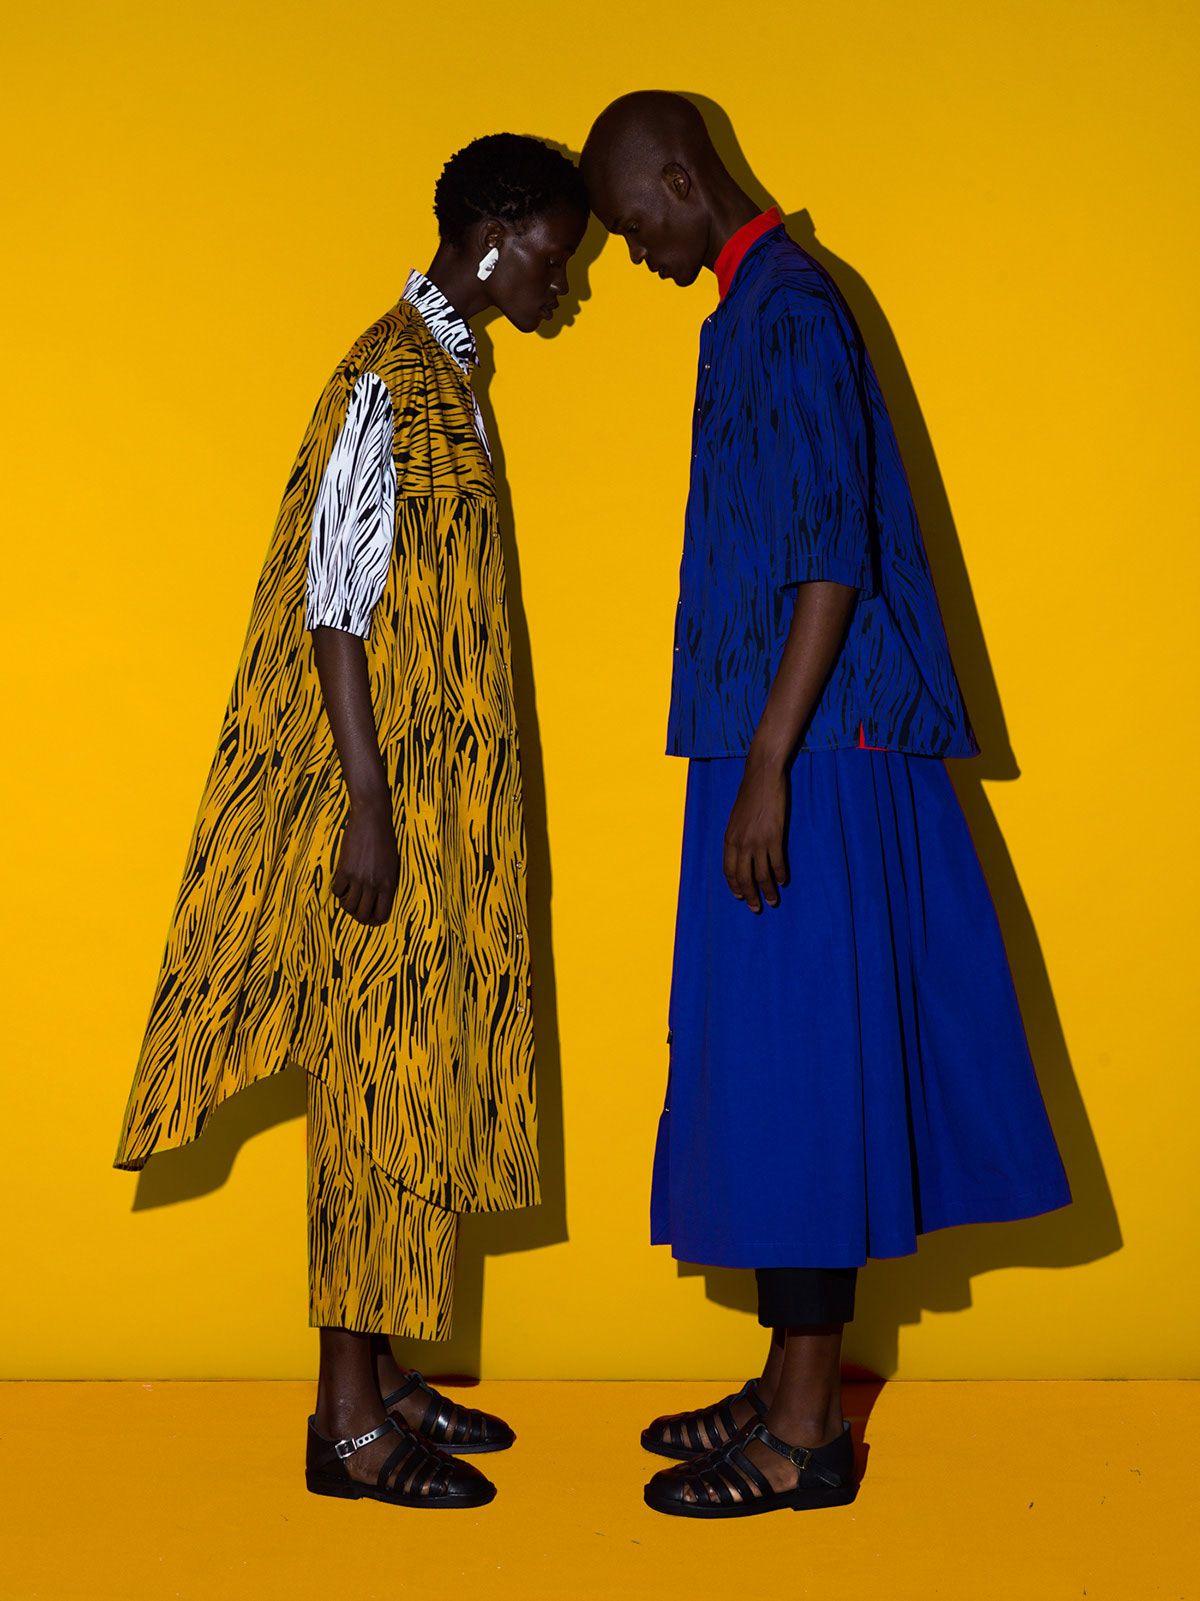 Electric Editorial by Elena Ivskaya Editorial fashion